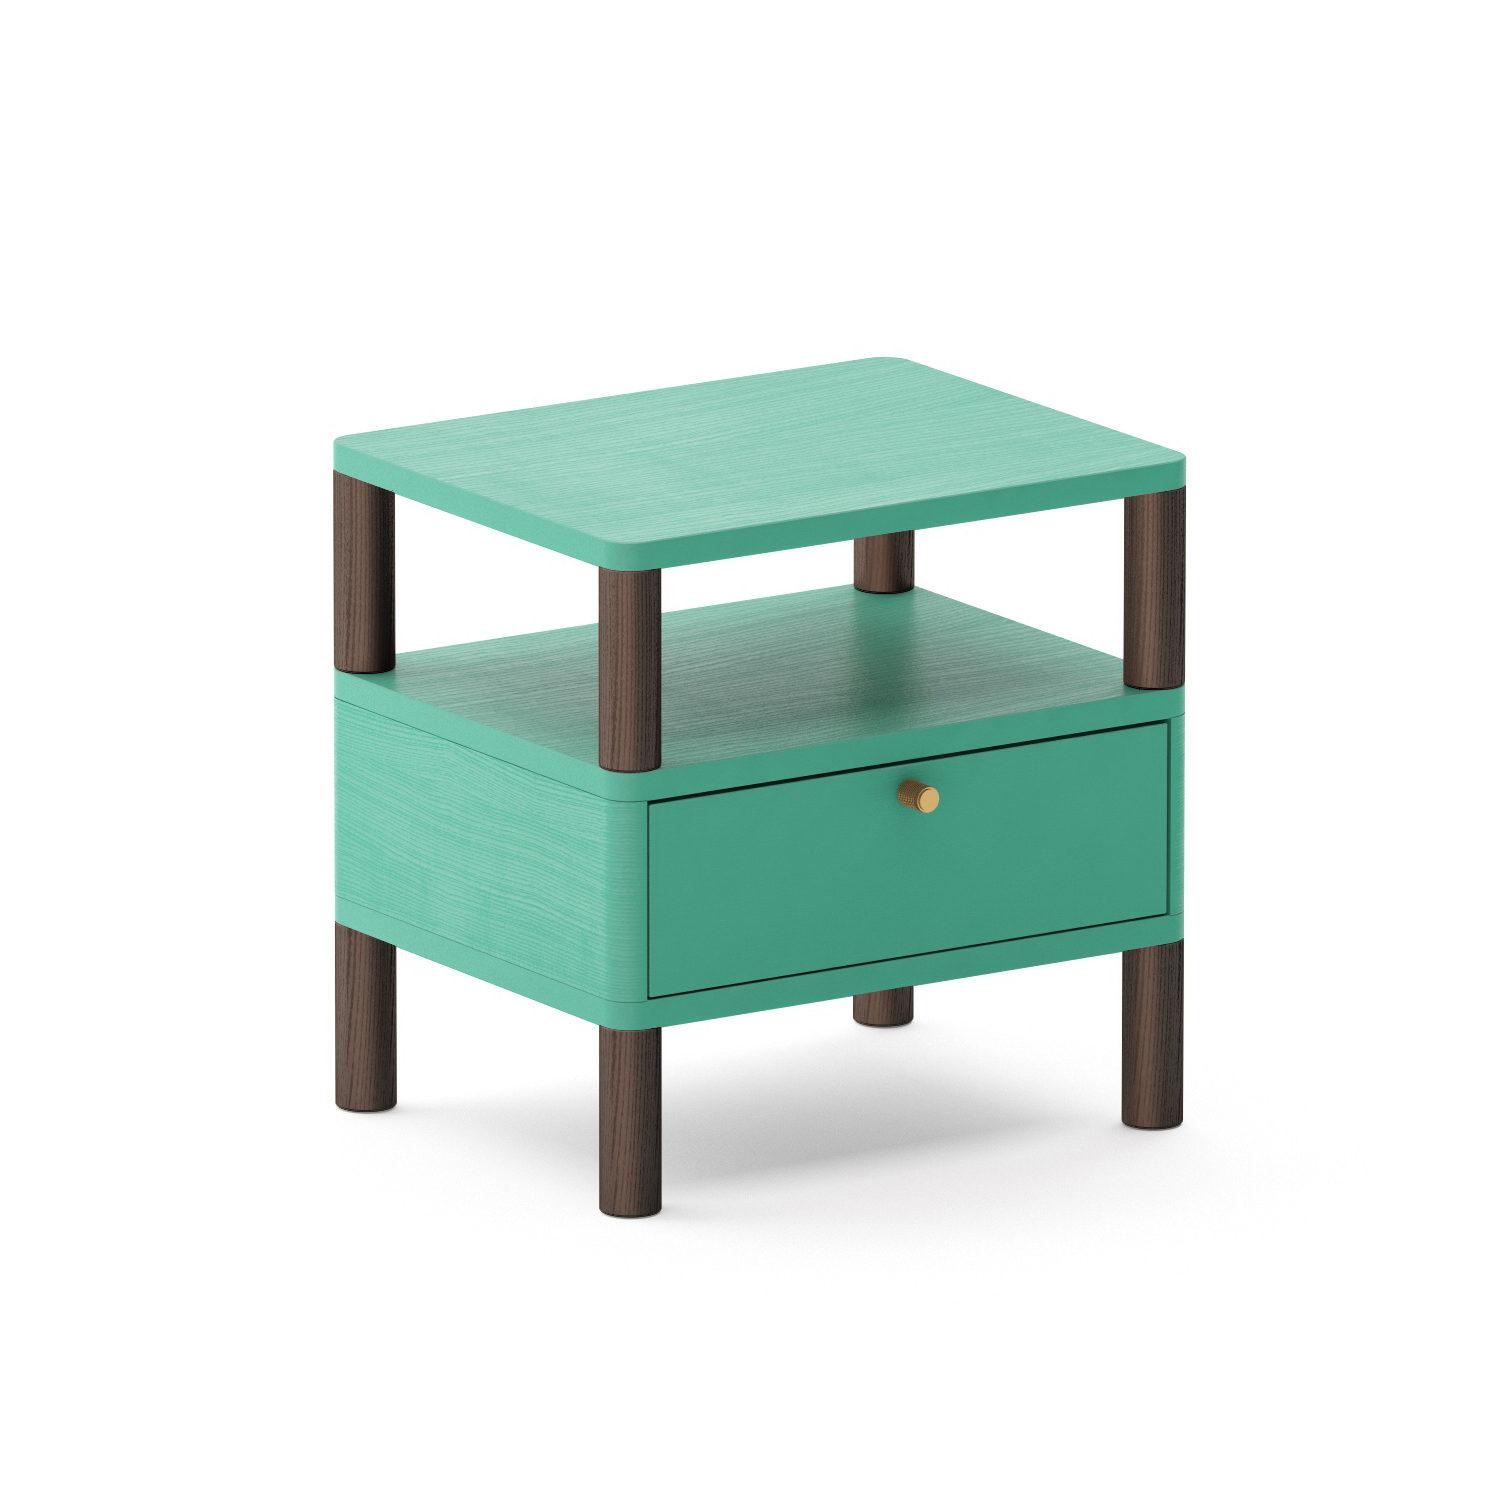 Прикроватная тумба BirkirПрикроватные тумбы, комоды, столики<br>&amp;lt;div&amp;gt;Данная позиция доступна во множестве цветовых вариантов, а также с темными или светлыми ножками.&amp;lt;/div&amp;gt;&amp;lt;div&amp;gt;&amp;lt;br&amp;gt;&amp;lt;/div&amp;gt;&amp;lt;div&amp;gt;Материал: корпус: крашеный МДФ, ножки: массив ясеня.&amp;amp;nbsp;&amp;lt;/div&amp;gt;&amp;lt;div&amp;gt;Возможен заказ изделия с отделкой текстурой дерева, стоимость уточняйте у менеджера.&amp;lt;/div&amp;gt;<br><br>Material: Дерево<br>Width см: 55<br>Depth см: 40<br>Height см: 50